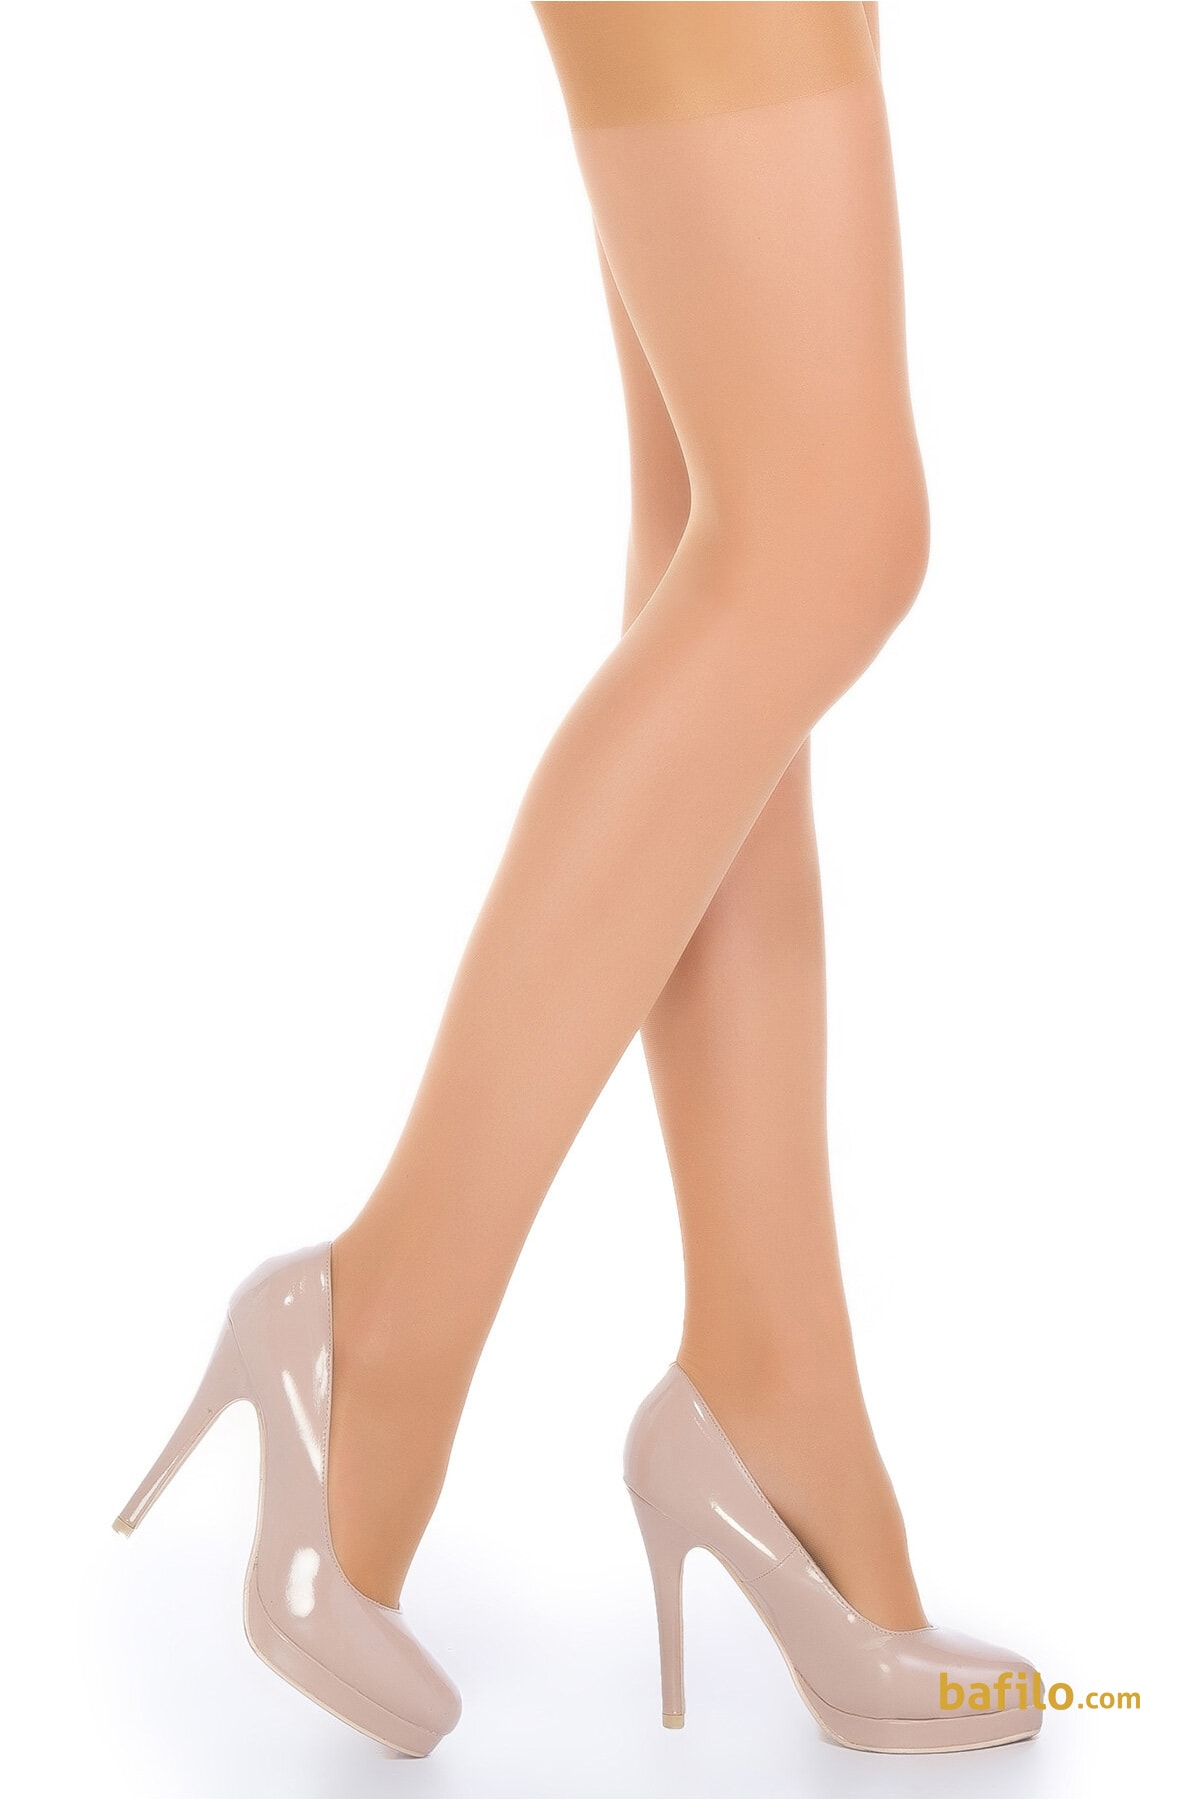 پنتی | Penti - جوراب شلواری گن دار زنانه پنتی Body Form - رنگ بدن